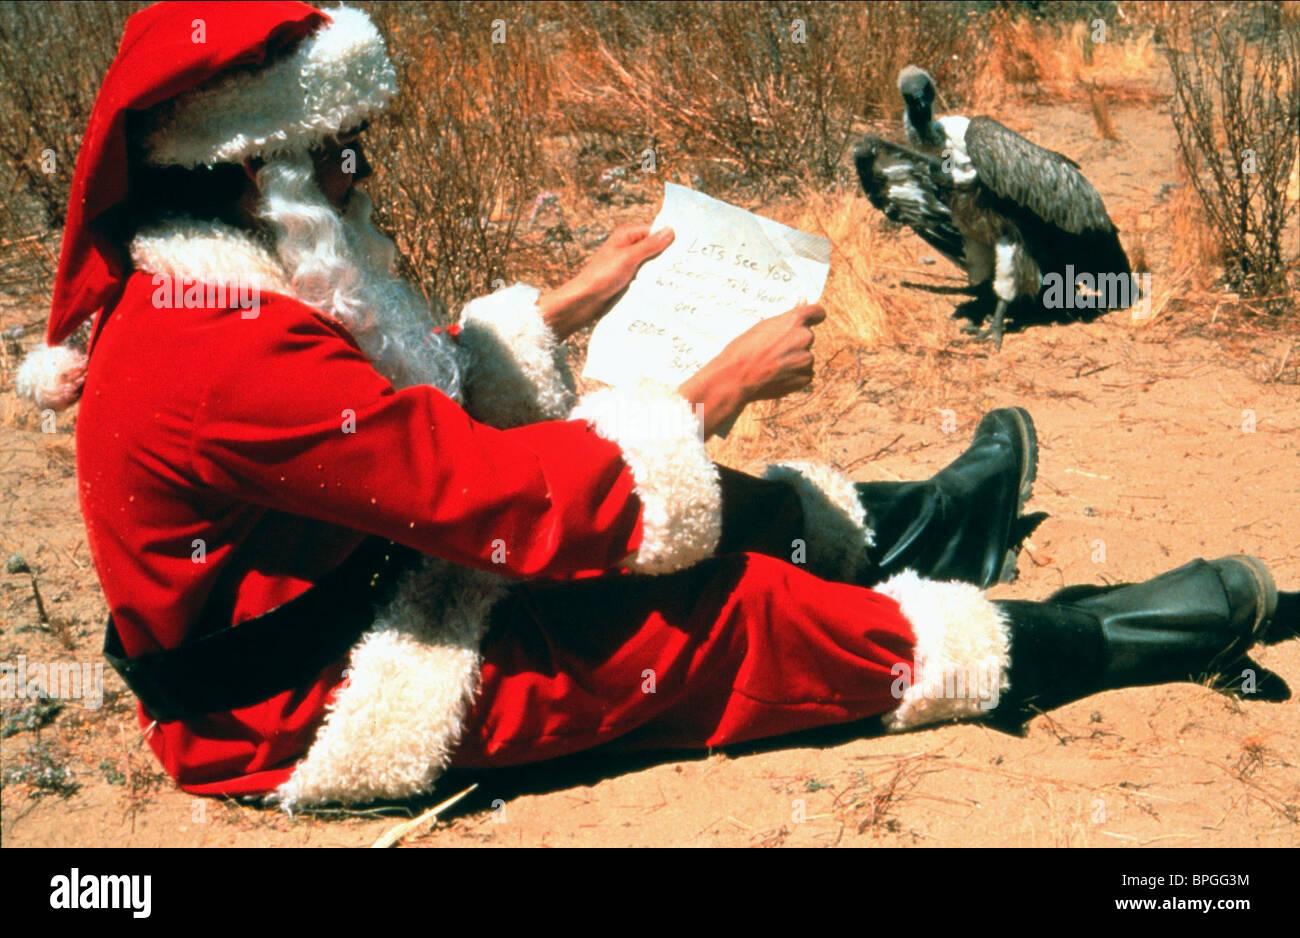 Ill Be Home For Christmas 1998.Jonathan Taylor Thomas I Ll Be Home For Christmas 1998